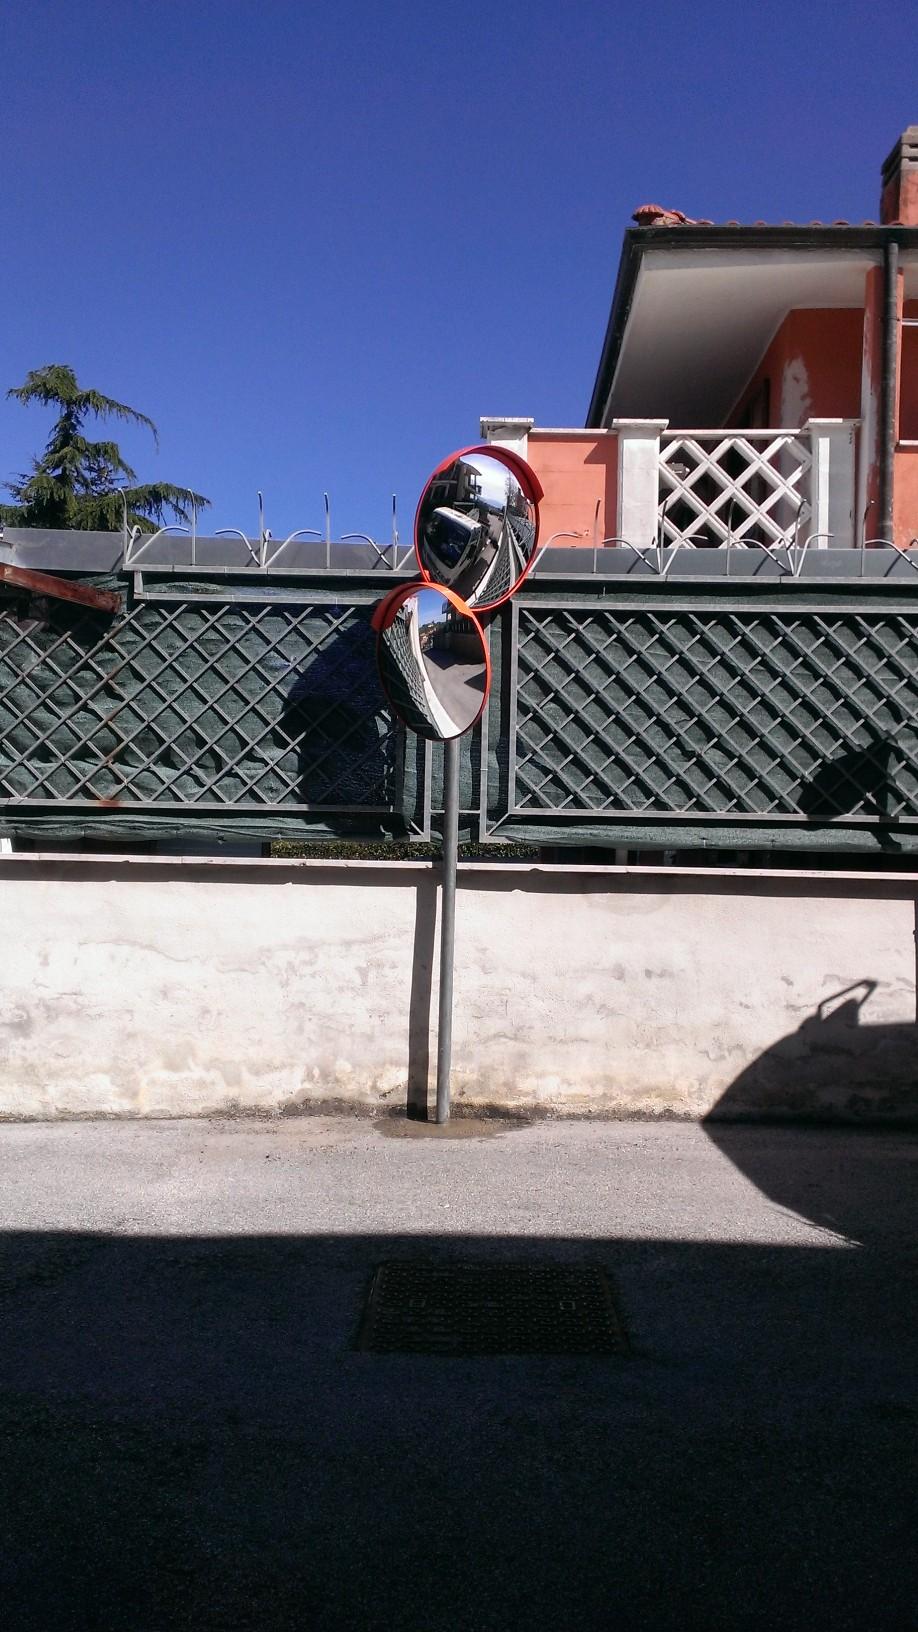 Specchi parabolici infrangibili all'interno condominio